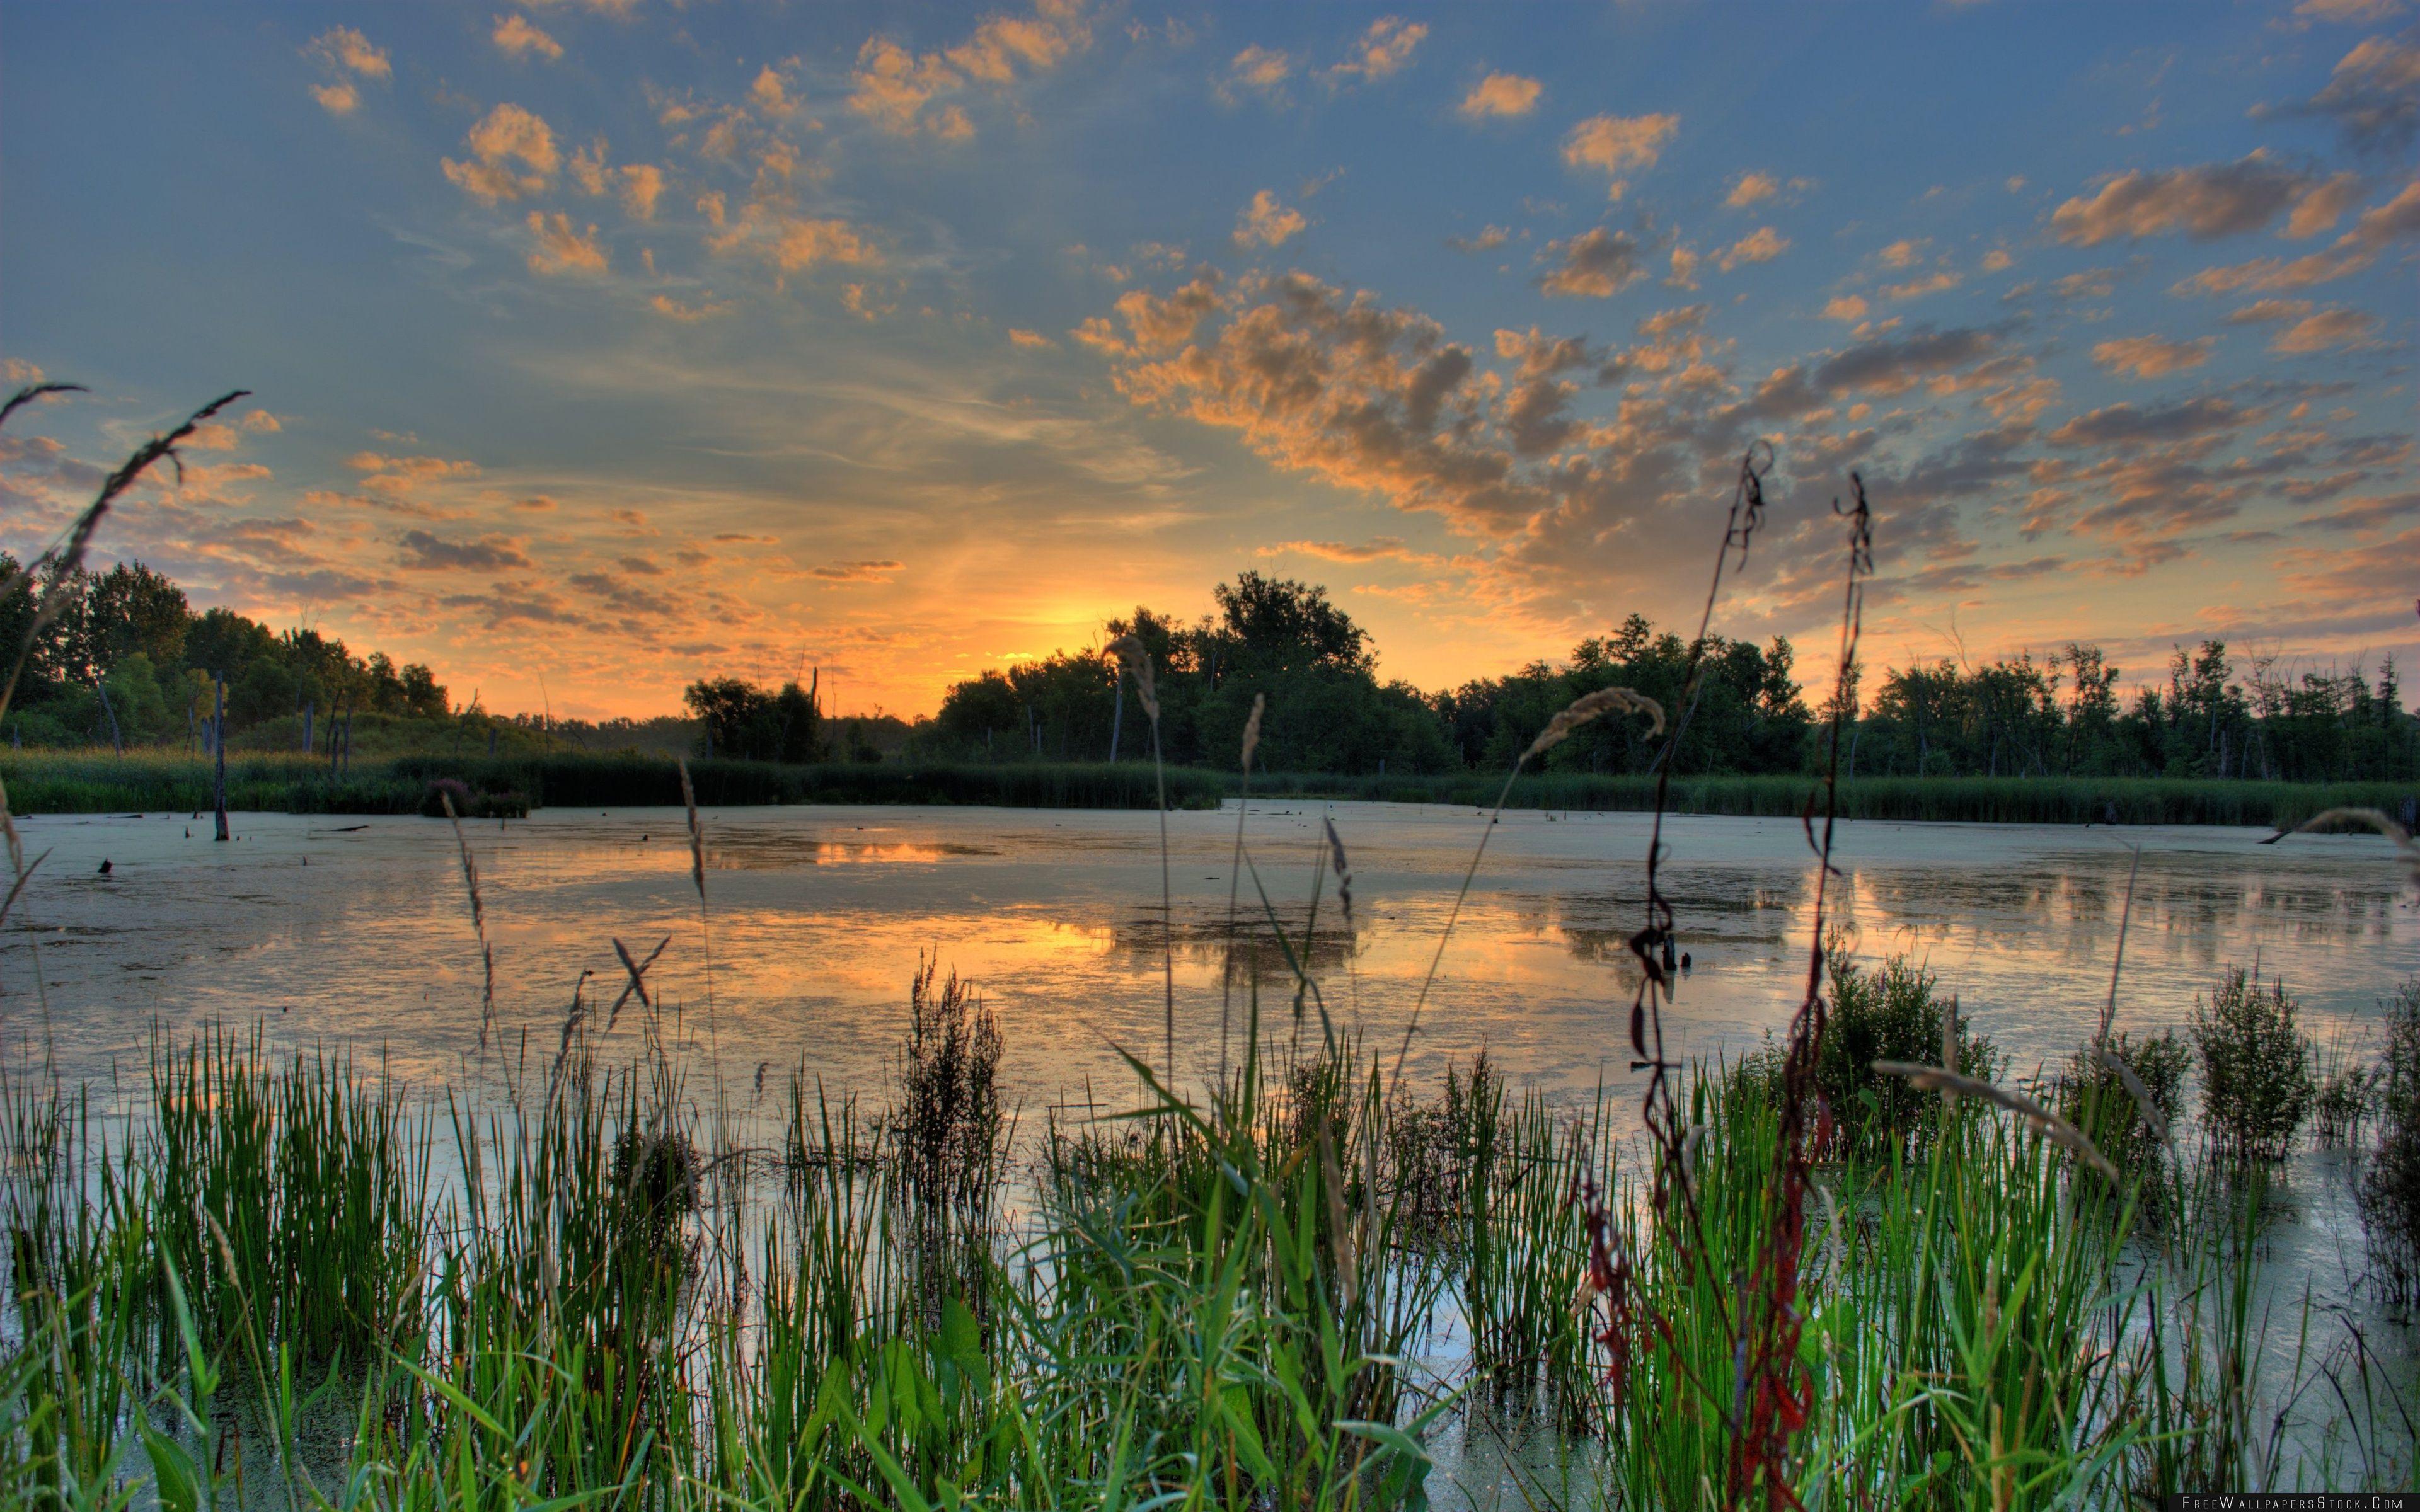 Download Free Wallpaper Sunrise Over   Pond The Minnesota River National Wildlife Refuge